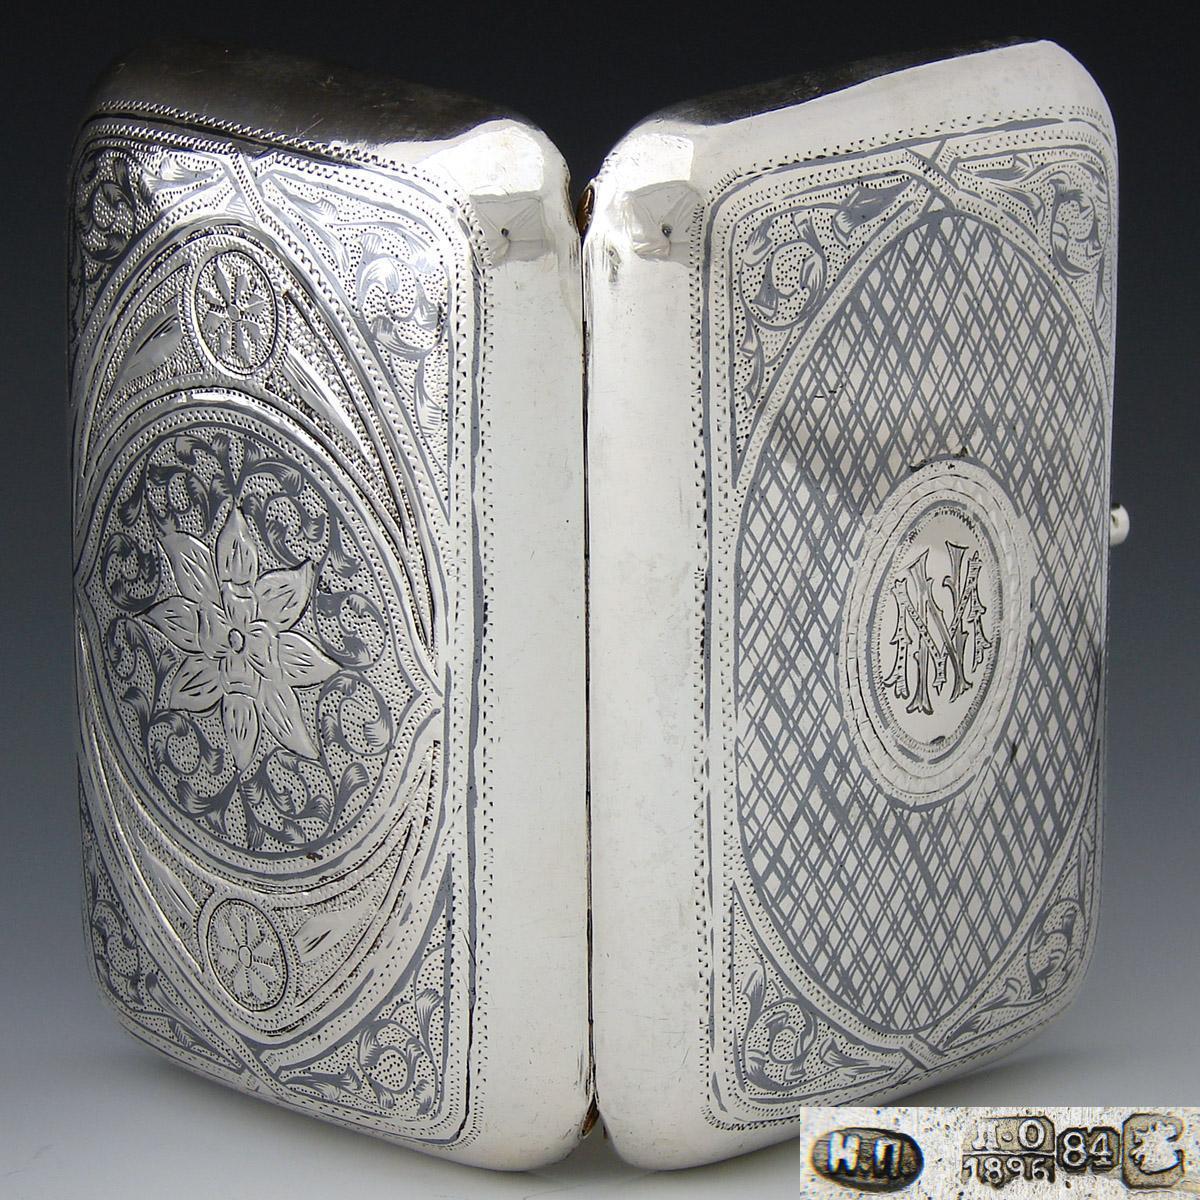 Antique Russian Sterling Silver Cigar Case, 6+oz, Itska Lozinski, Moscow Silversmith, Portrait: Tzar Nicholas II, c 1896 Niello